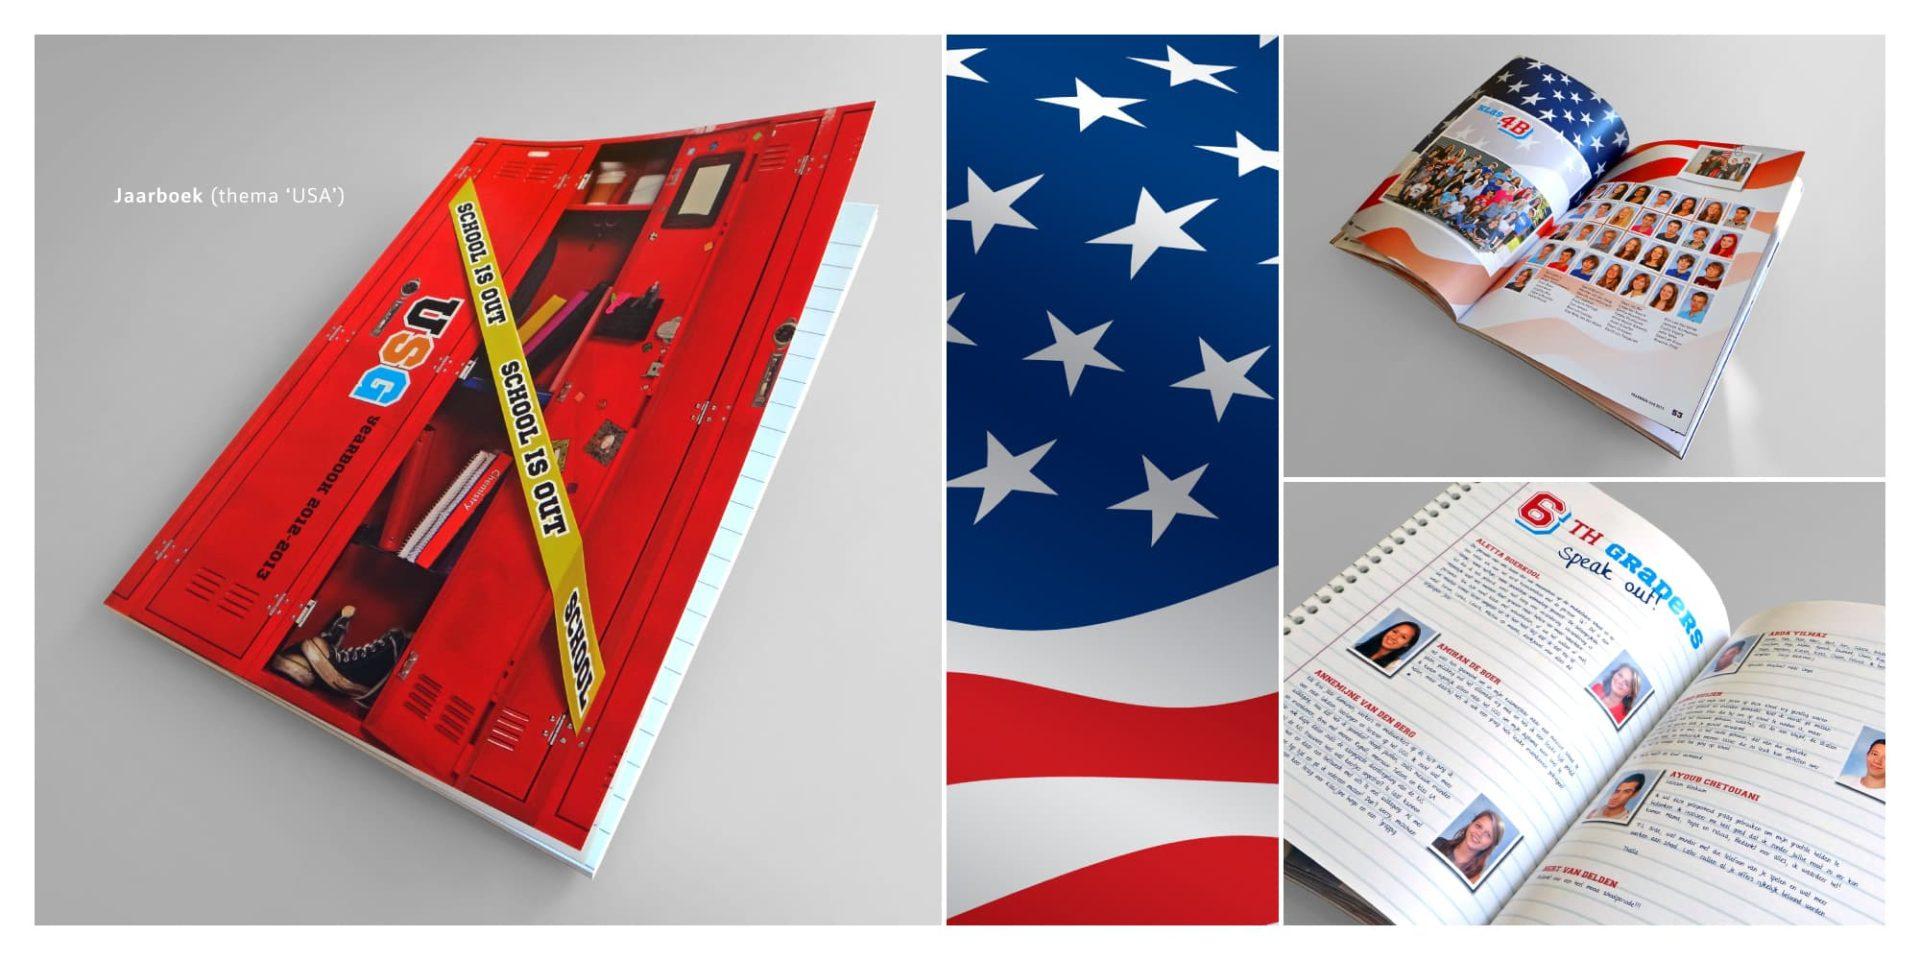 USG jaarboek USA - Jeroen Borrenbergs)